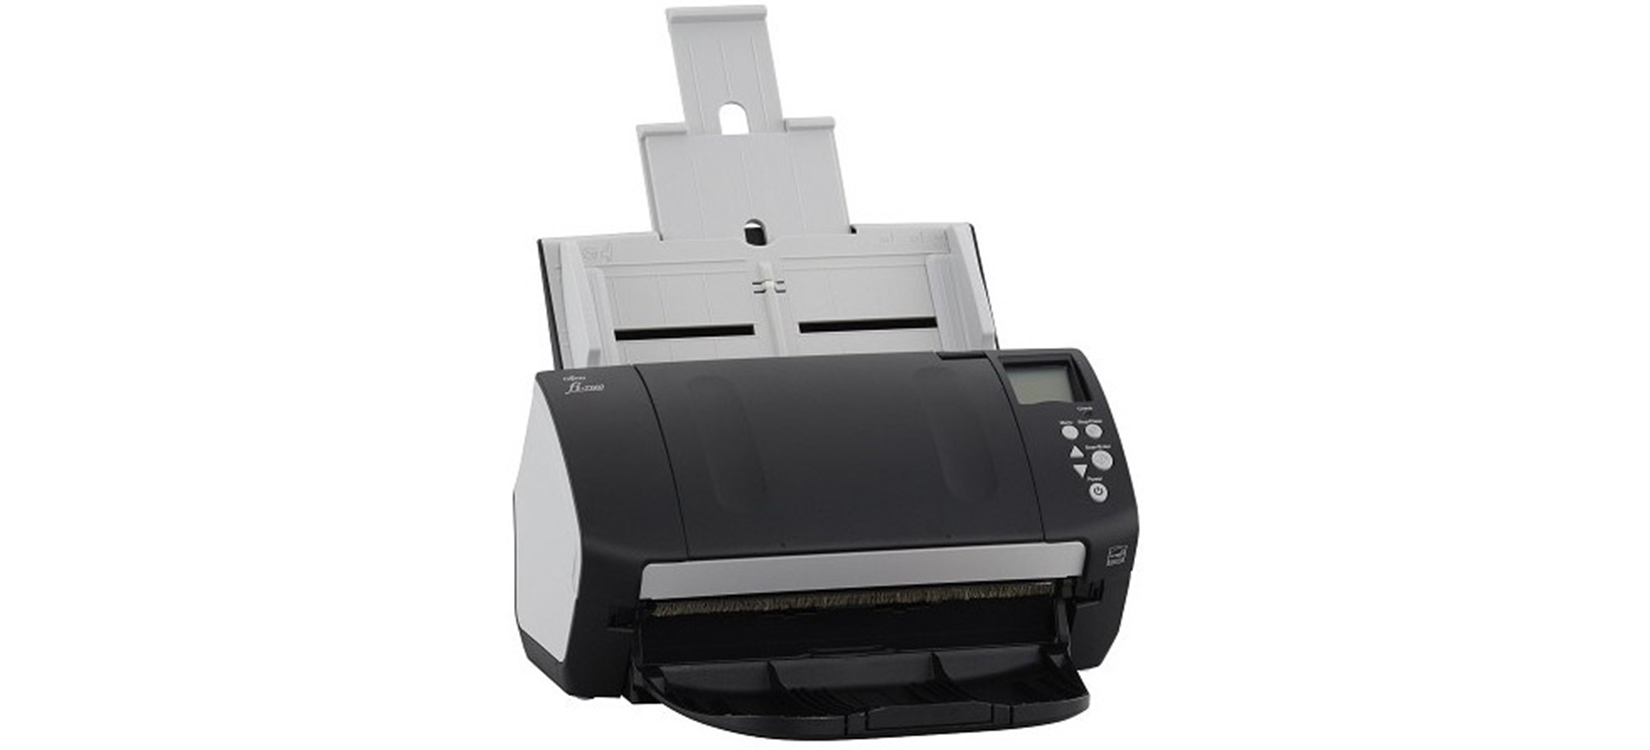 Scan Fujitsu FI-7140